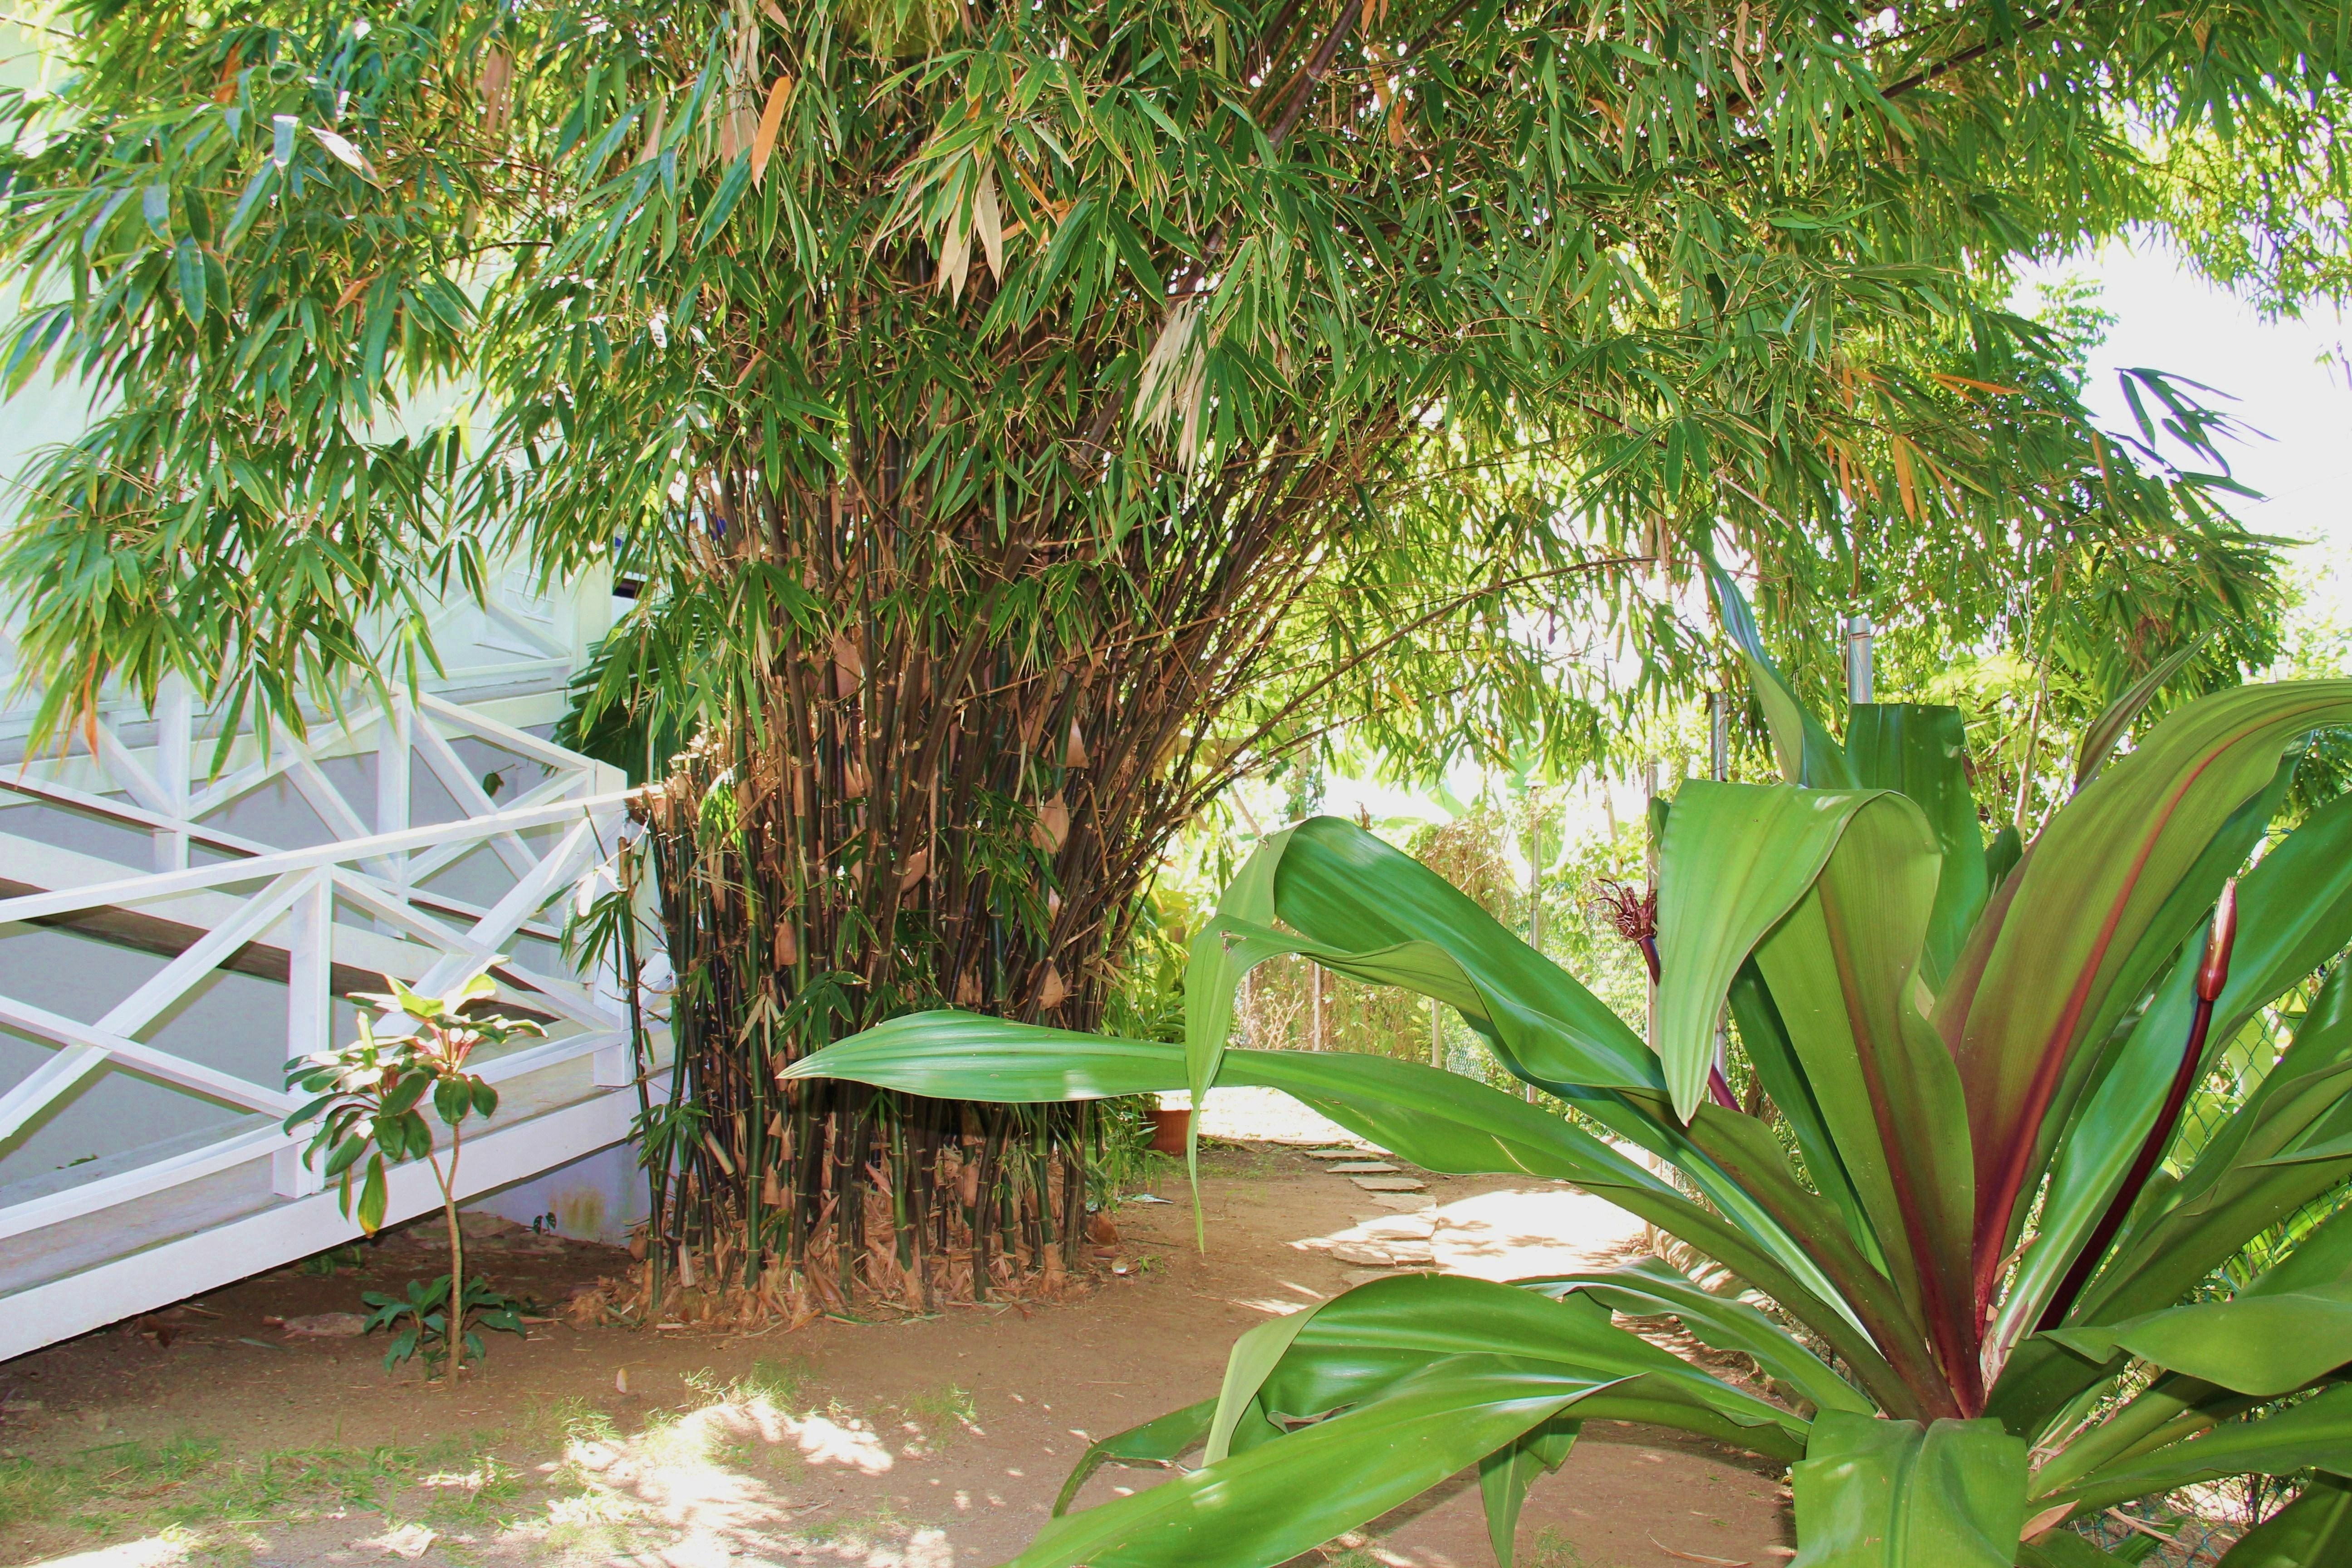 through the bamboo grove